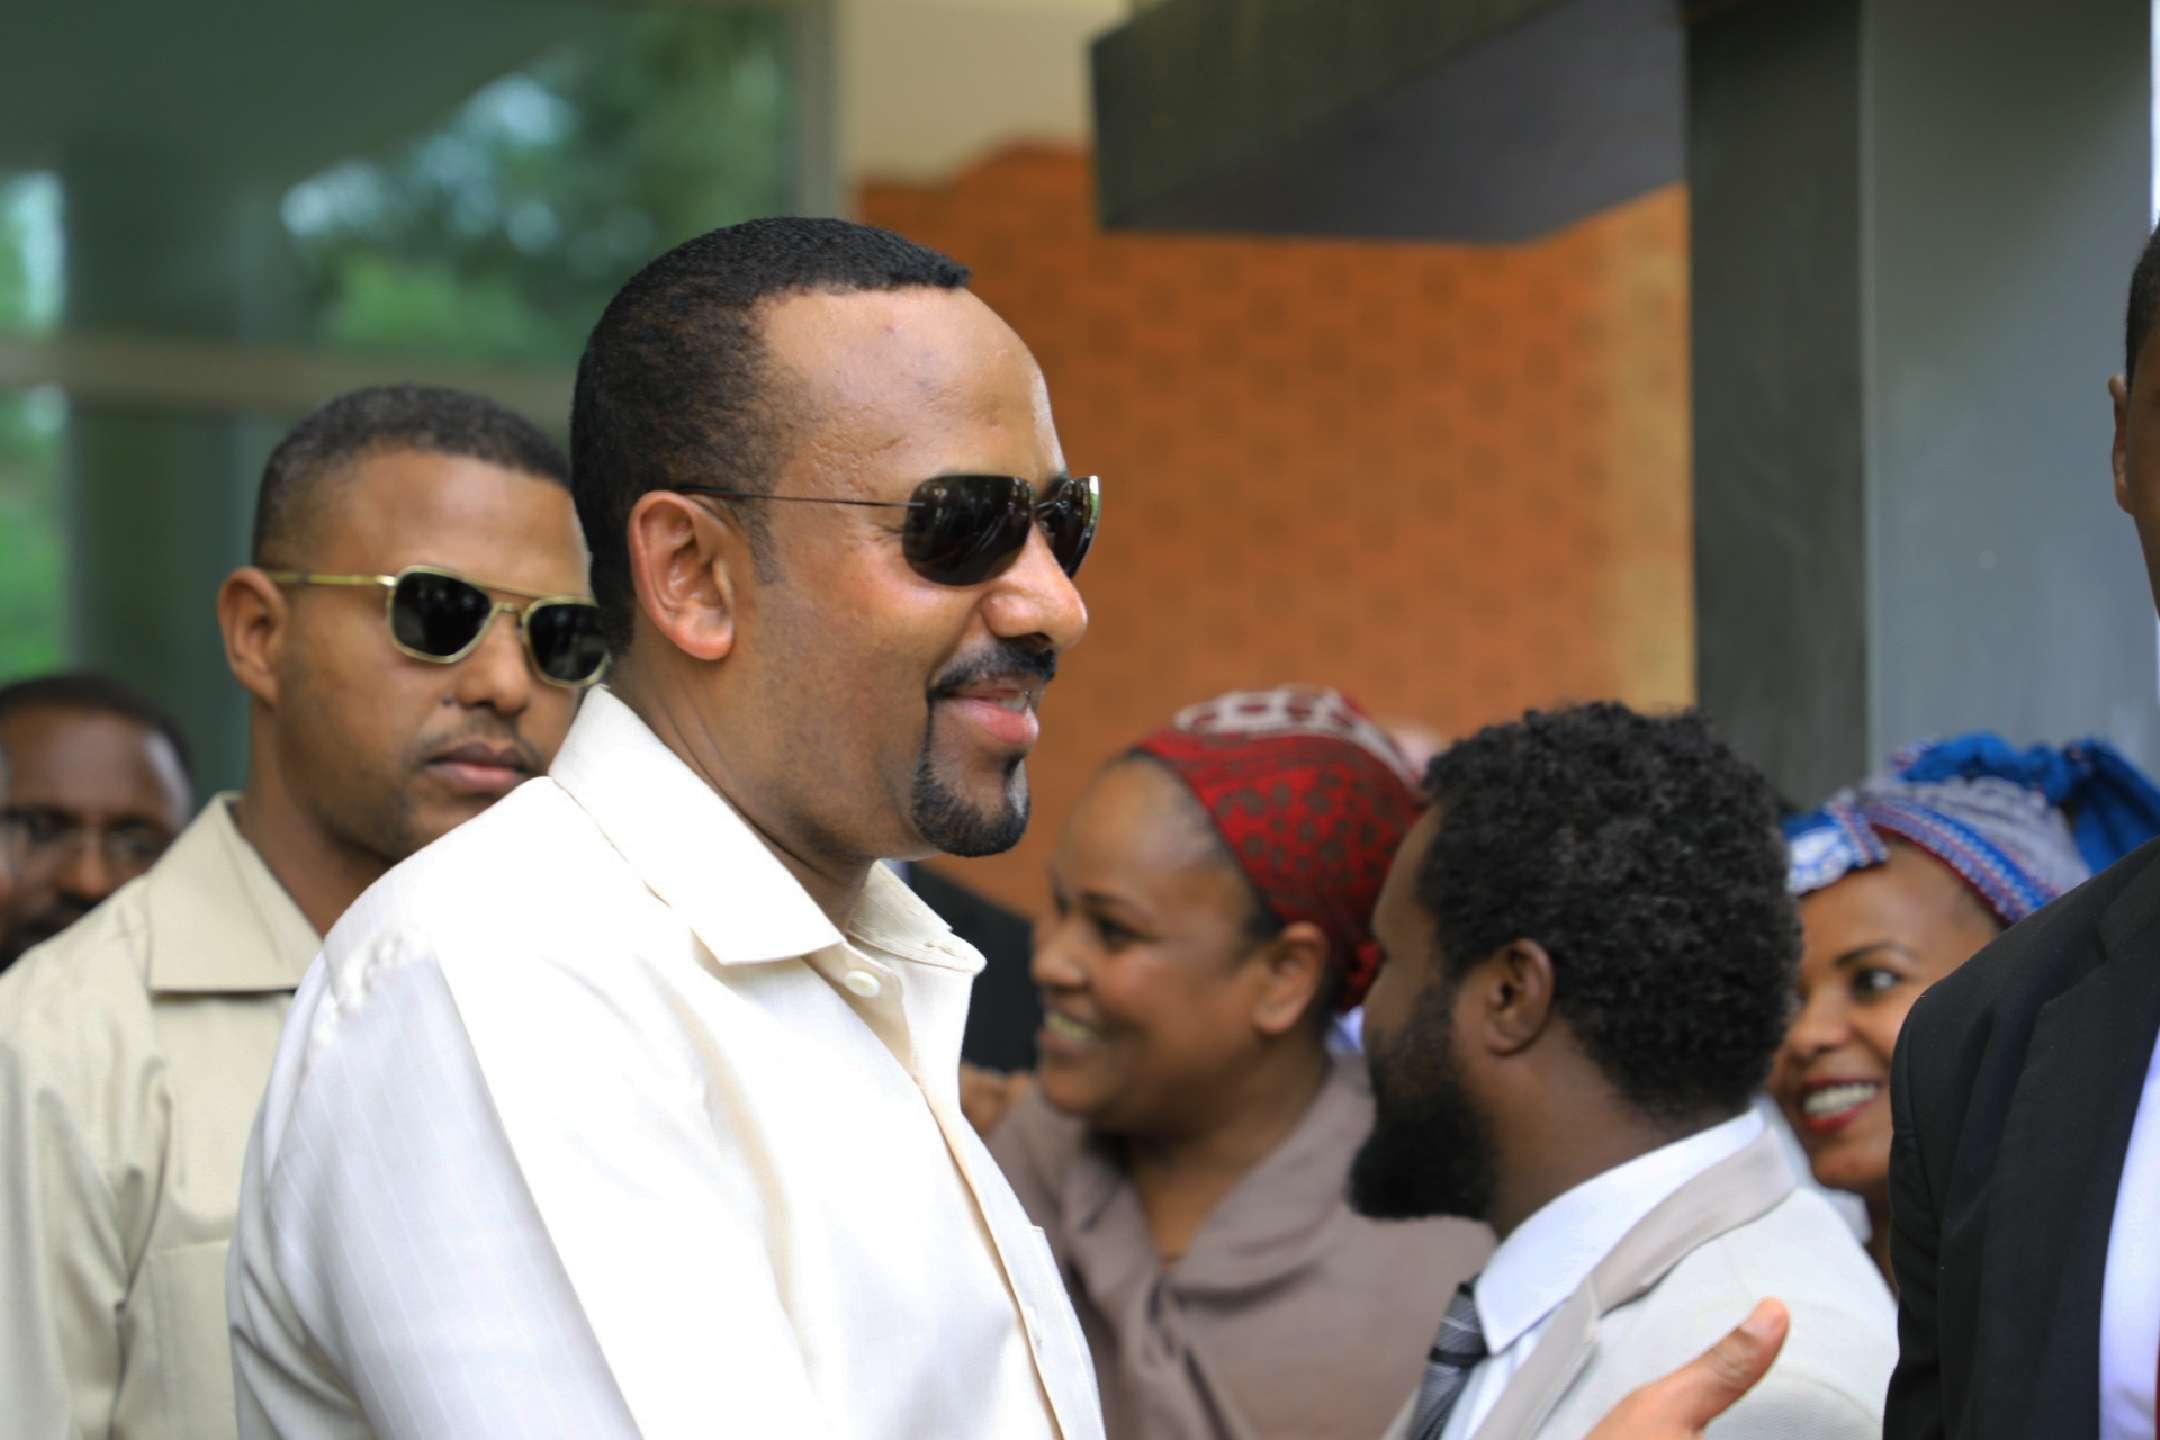 Abiy Ahmed lors de son arrivée à Khartoum vendredi 7 mai, pour initier un processus de médiation entre l'armée et l'opposition soudanaise.